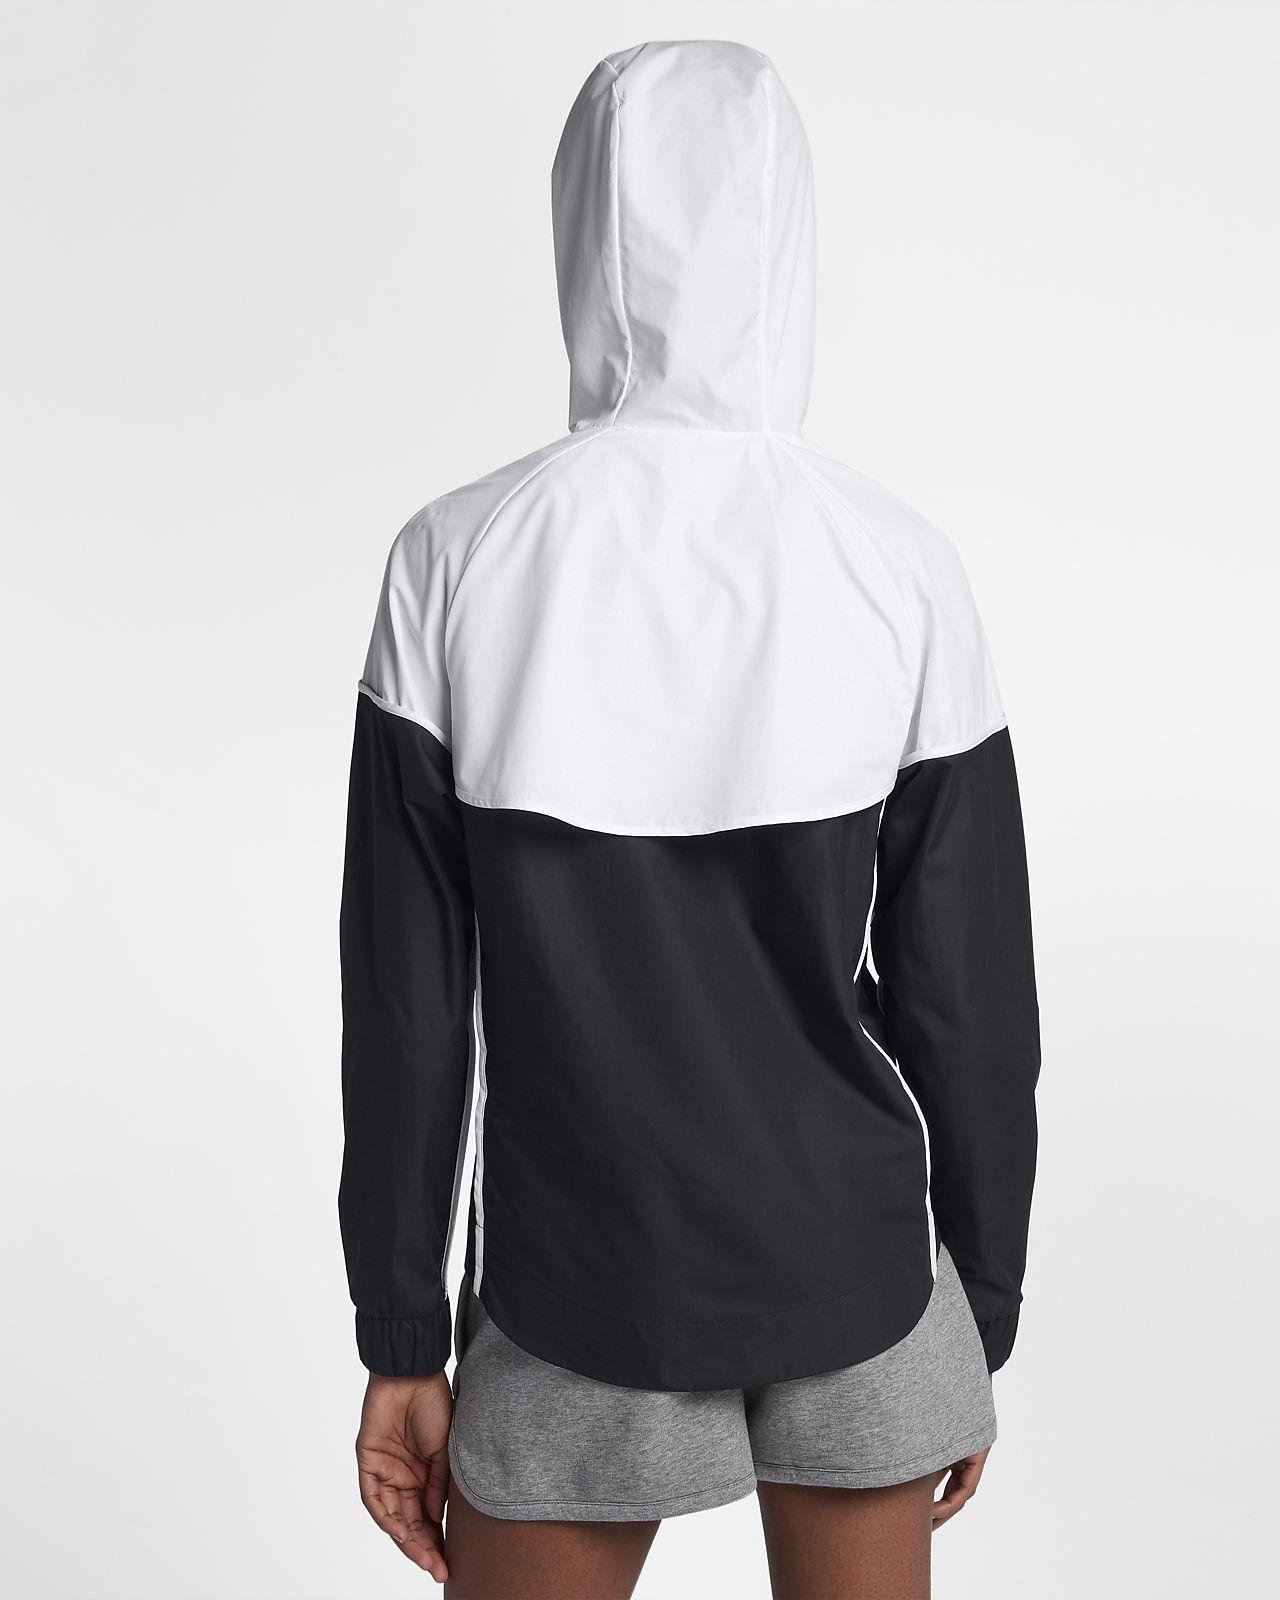 b9386dc332aaaa ... Damska kurtka przeciwwiatrowa z tkaniny Nike Sportswear Windrunner